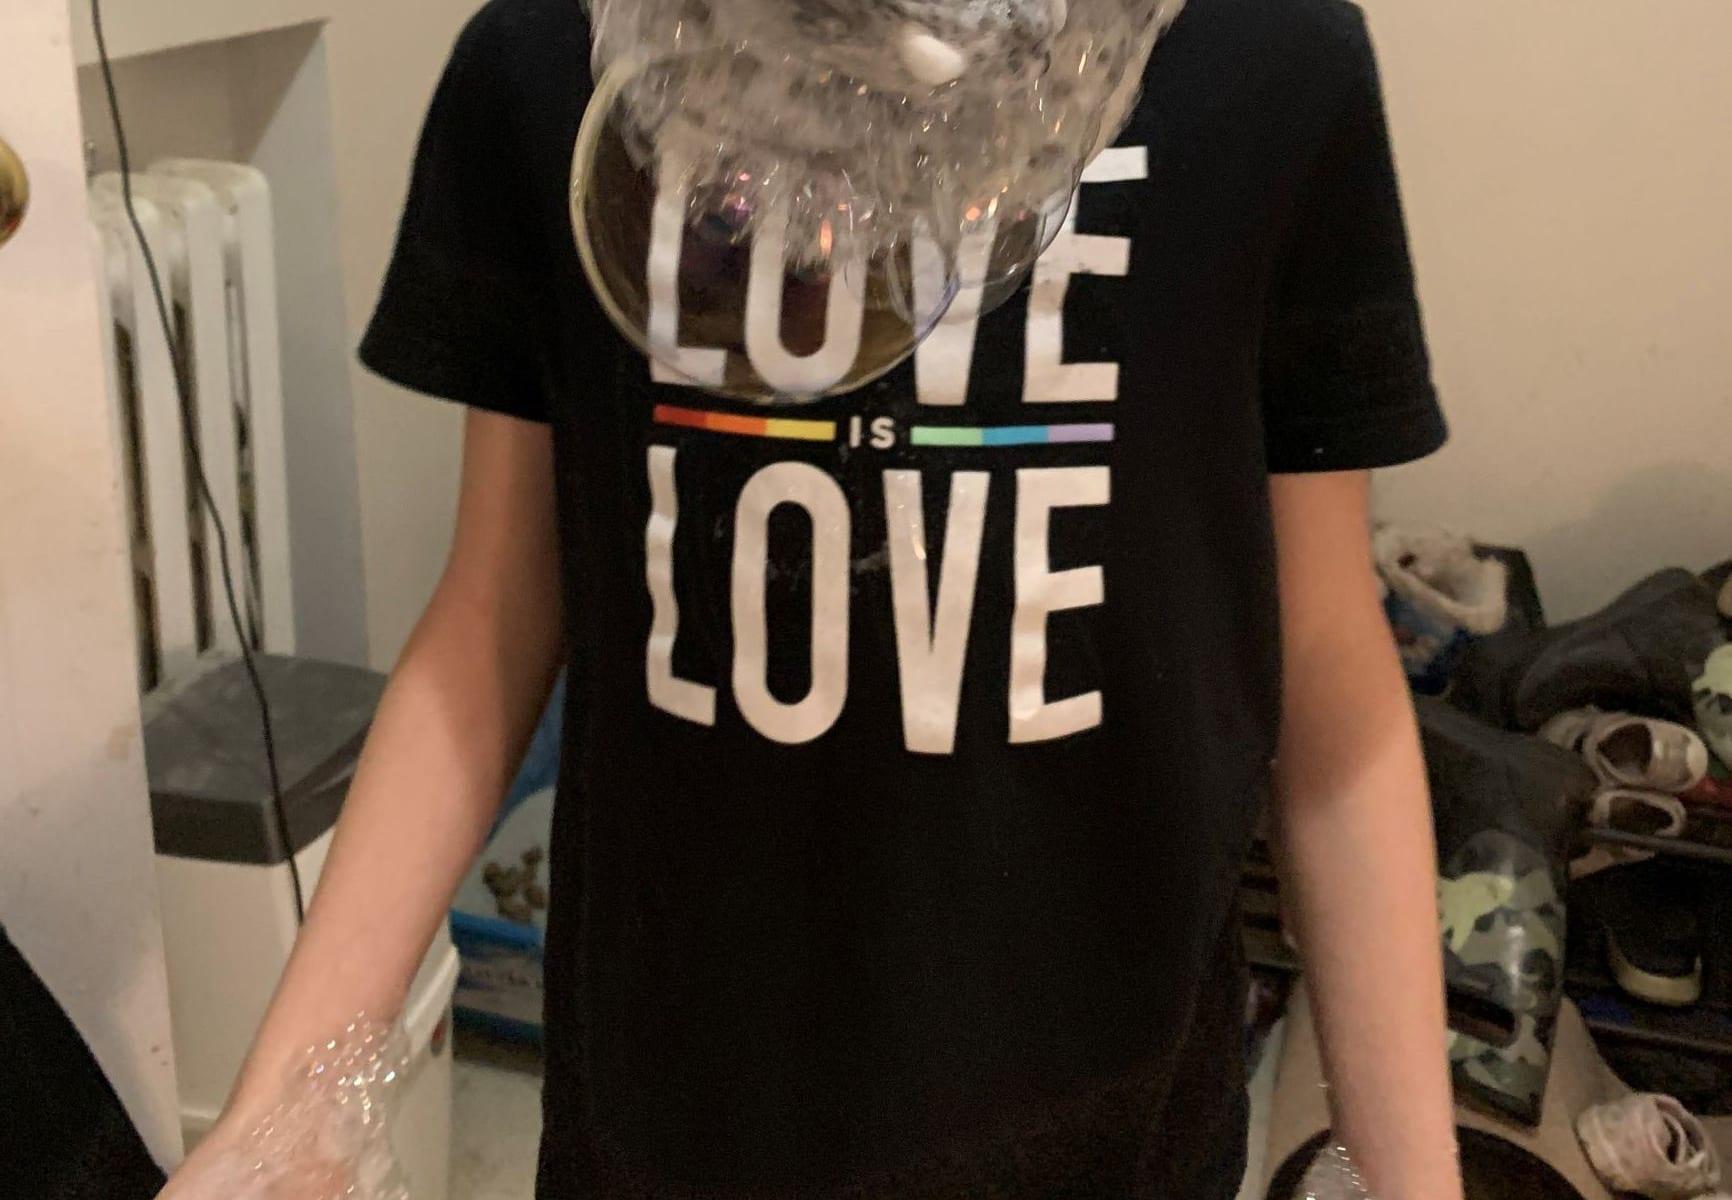 foam bubbles